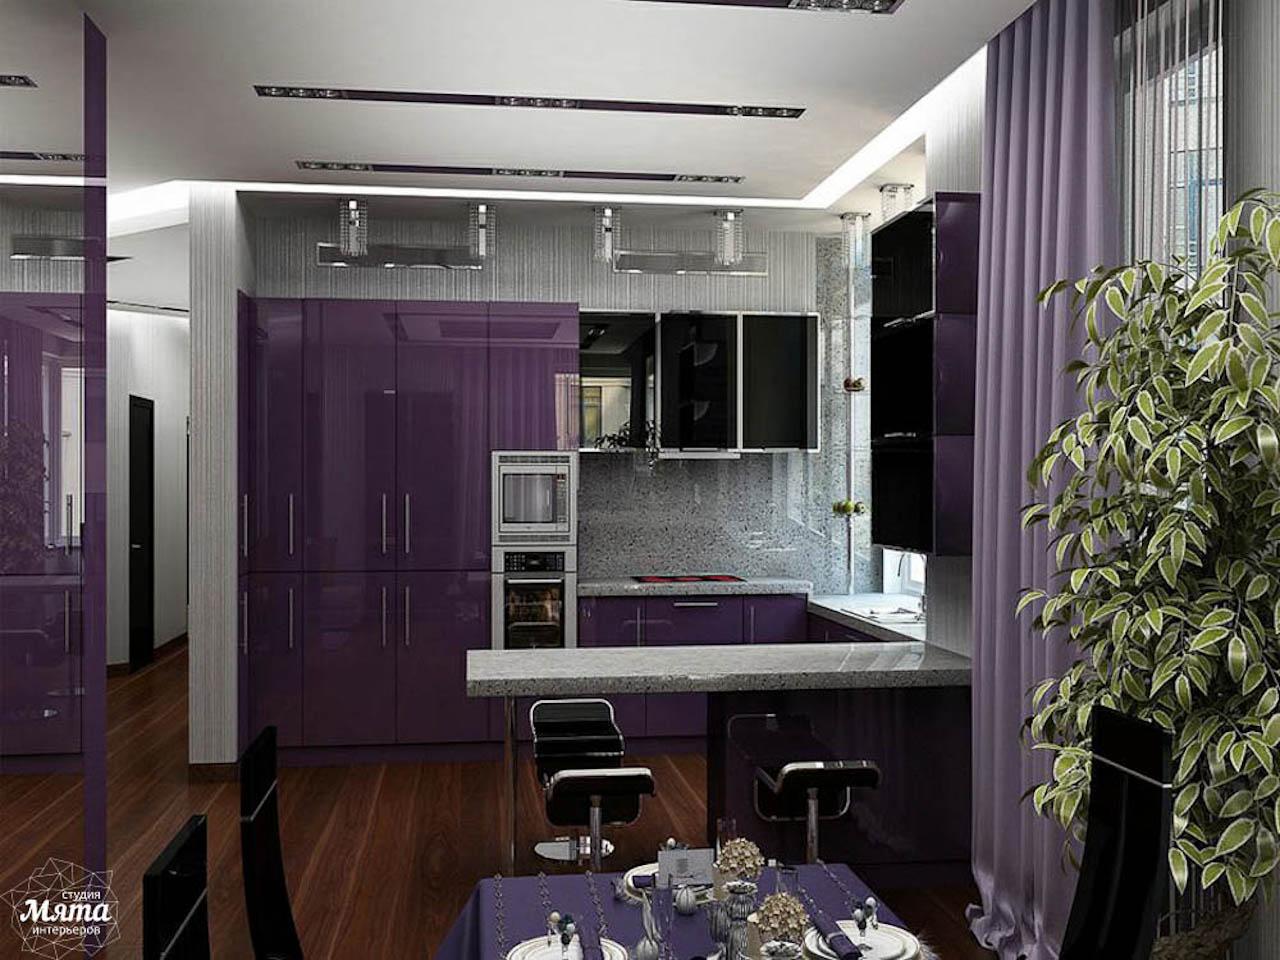 Дизайн интерьера трехкомнатной квартиры по ул. Николая Никонова 4 img1189320626